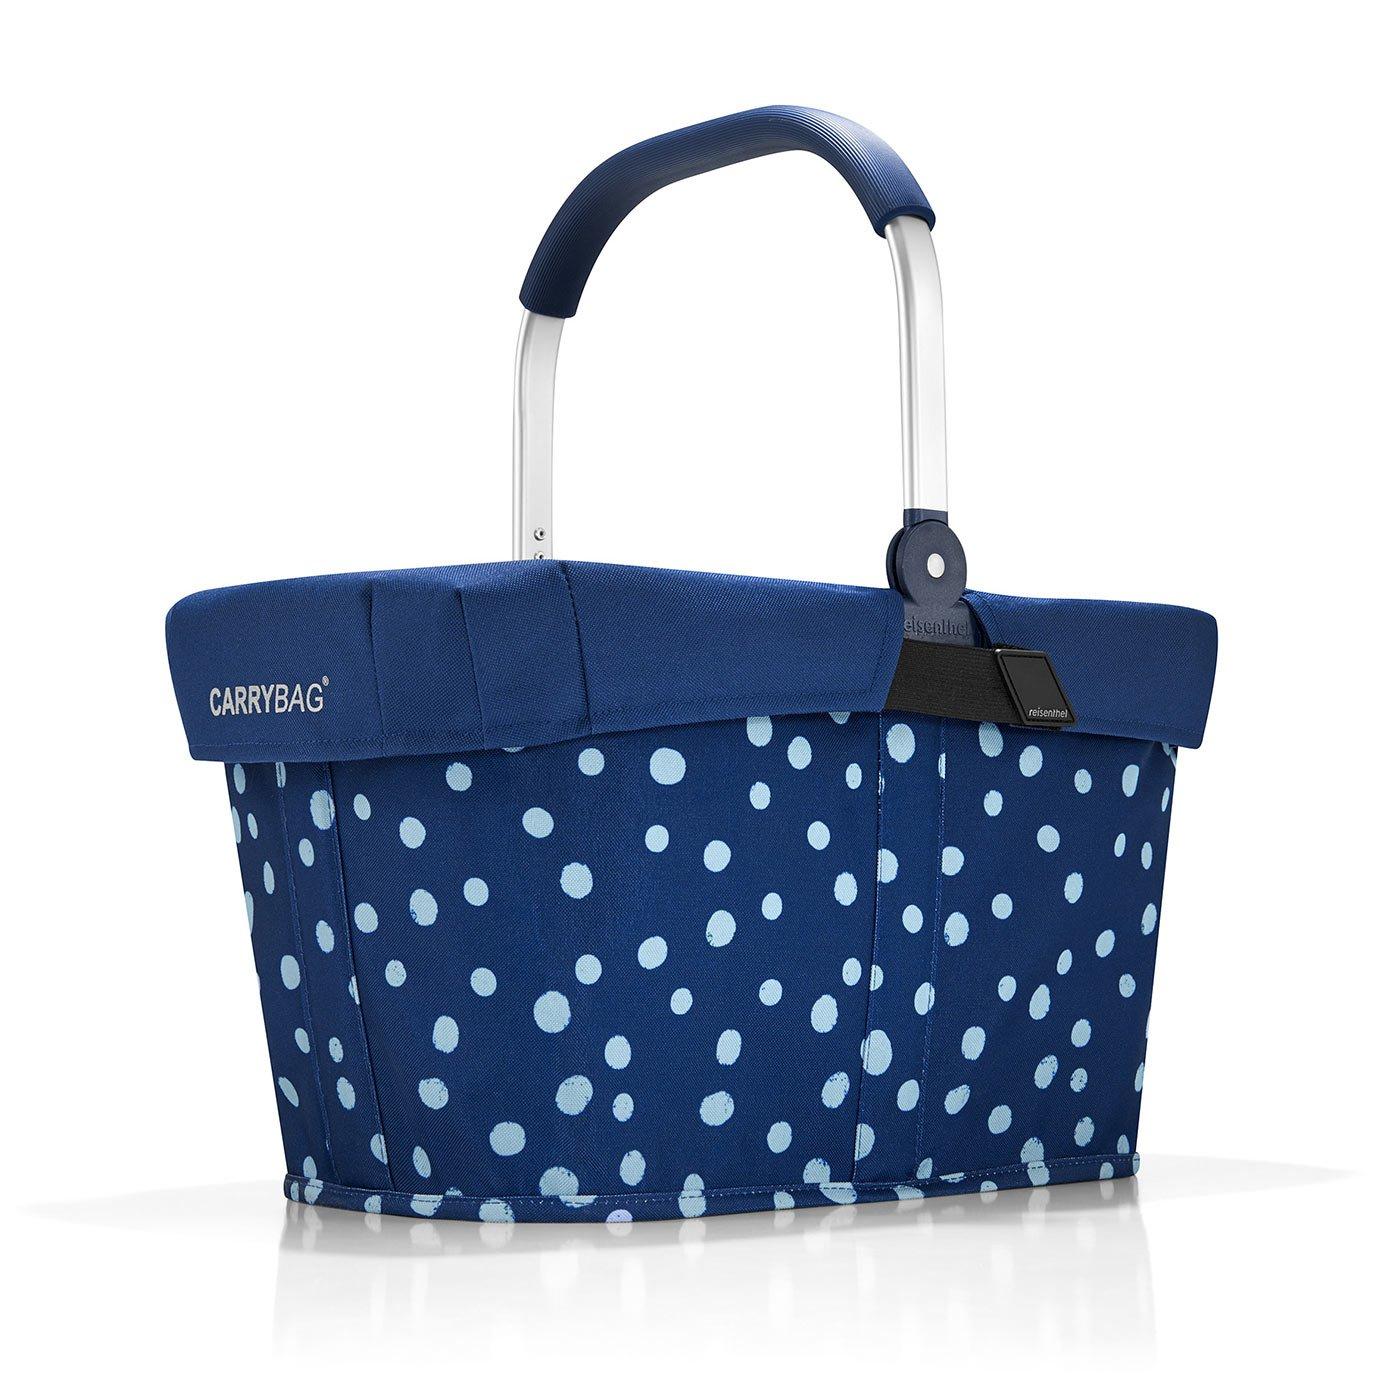 Reisenthel carrybag spots navy Henkelkorb Einkaufskorb + Cover Abdeckung navy blau REISENTHEL ACCESSOIRES